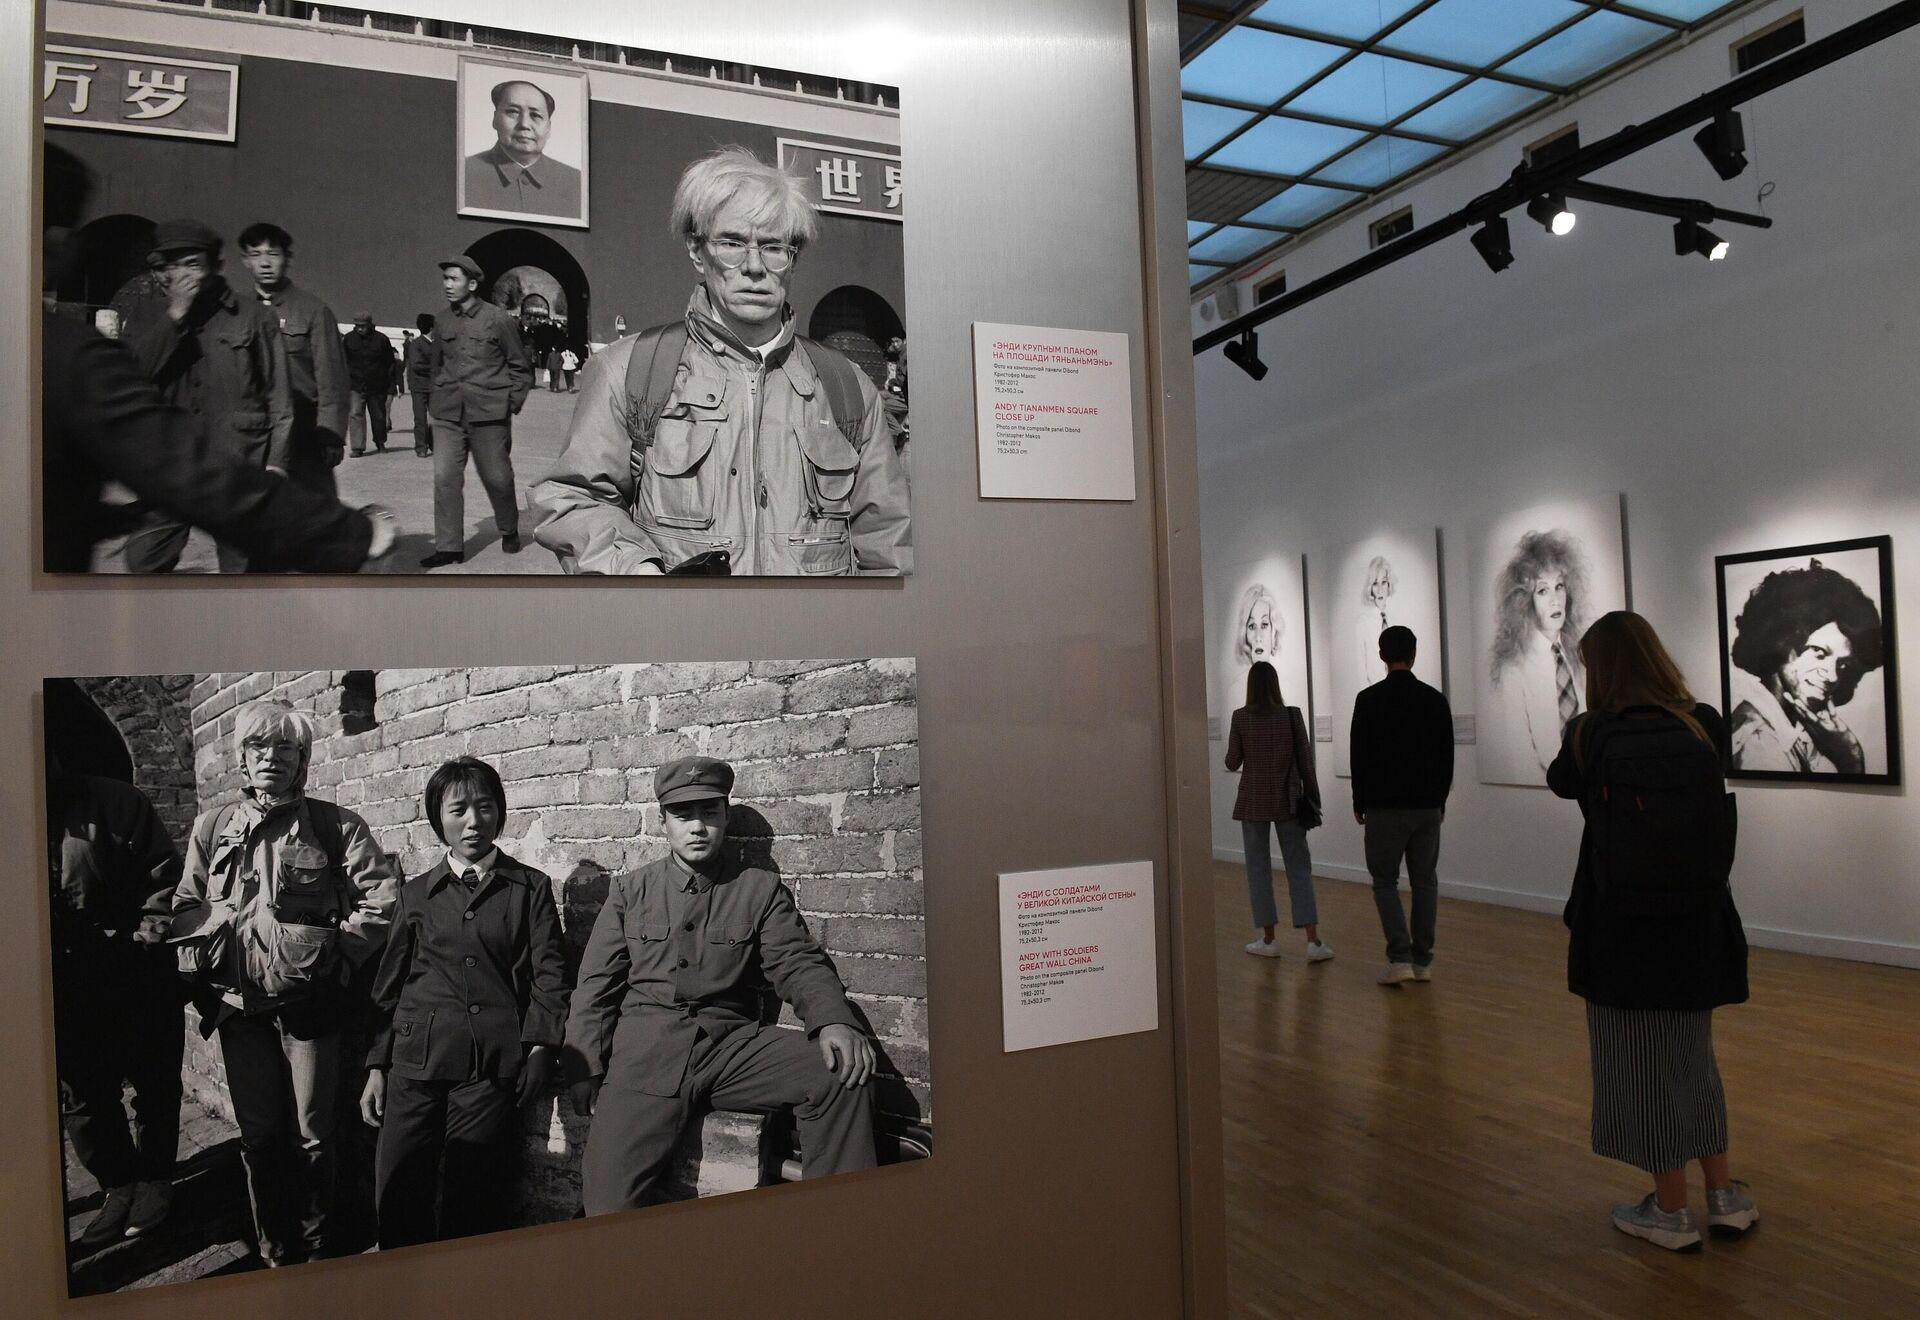 1577733267 0:0:2977:2048 1920x0 80 0 0 17ecb1cd1ada87577ca5558d6db8e666 - Более шести тысяч человек уже посетили выставку работ Уорхола в Москве